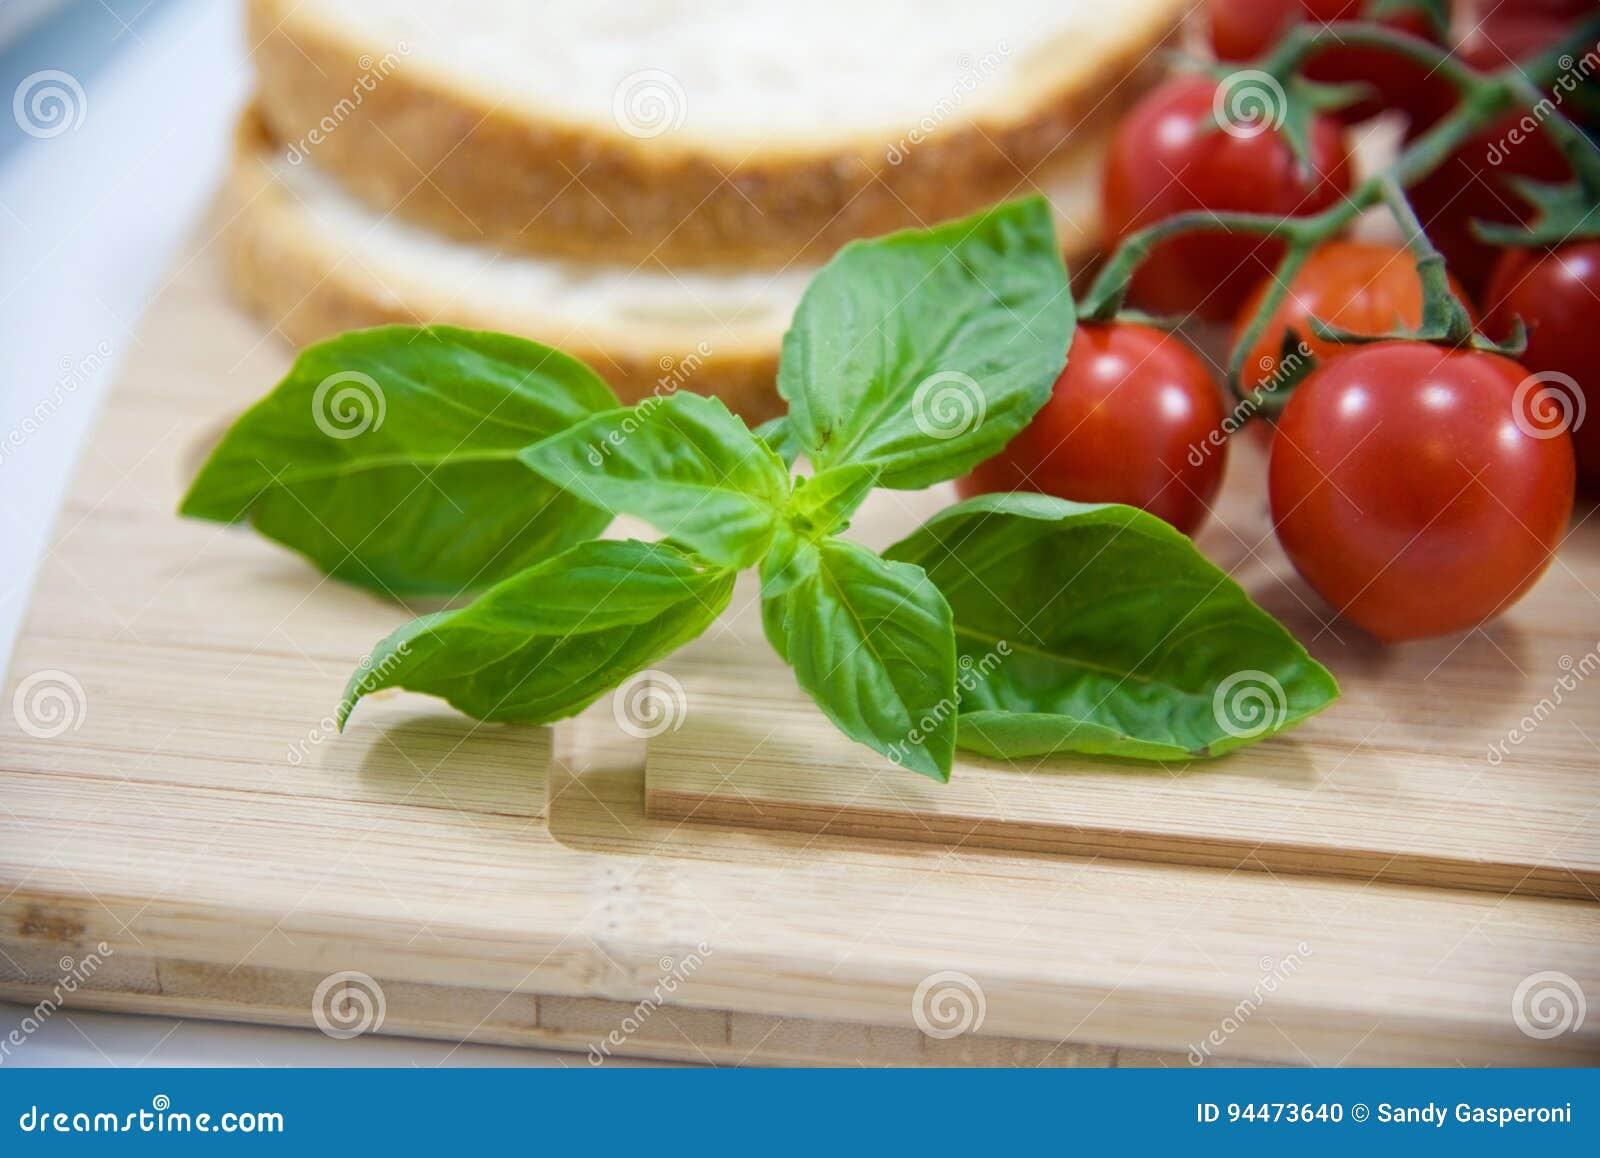 Μεσογειακή διατροφή 30η